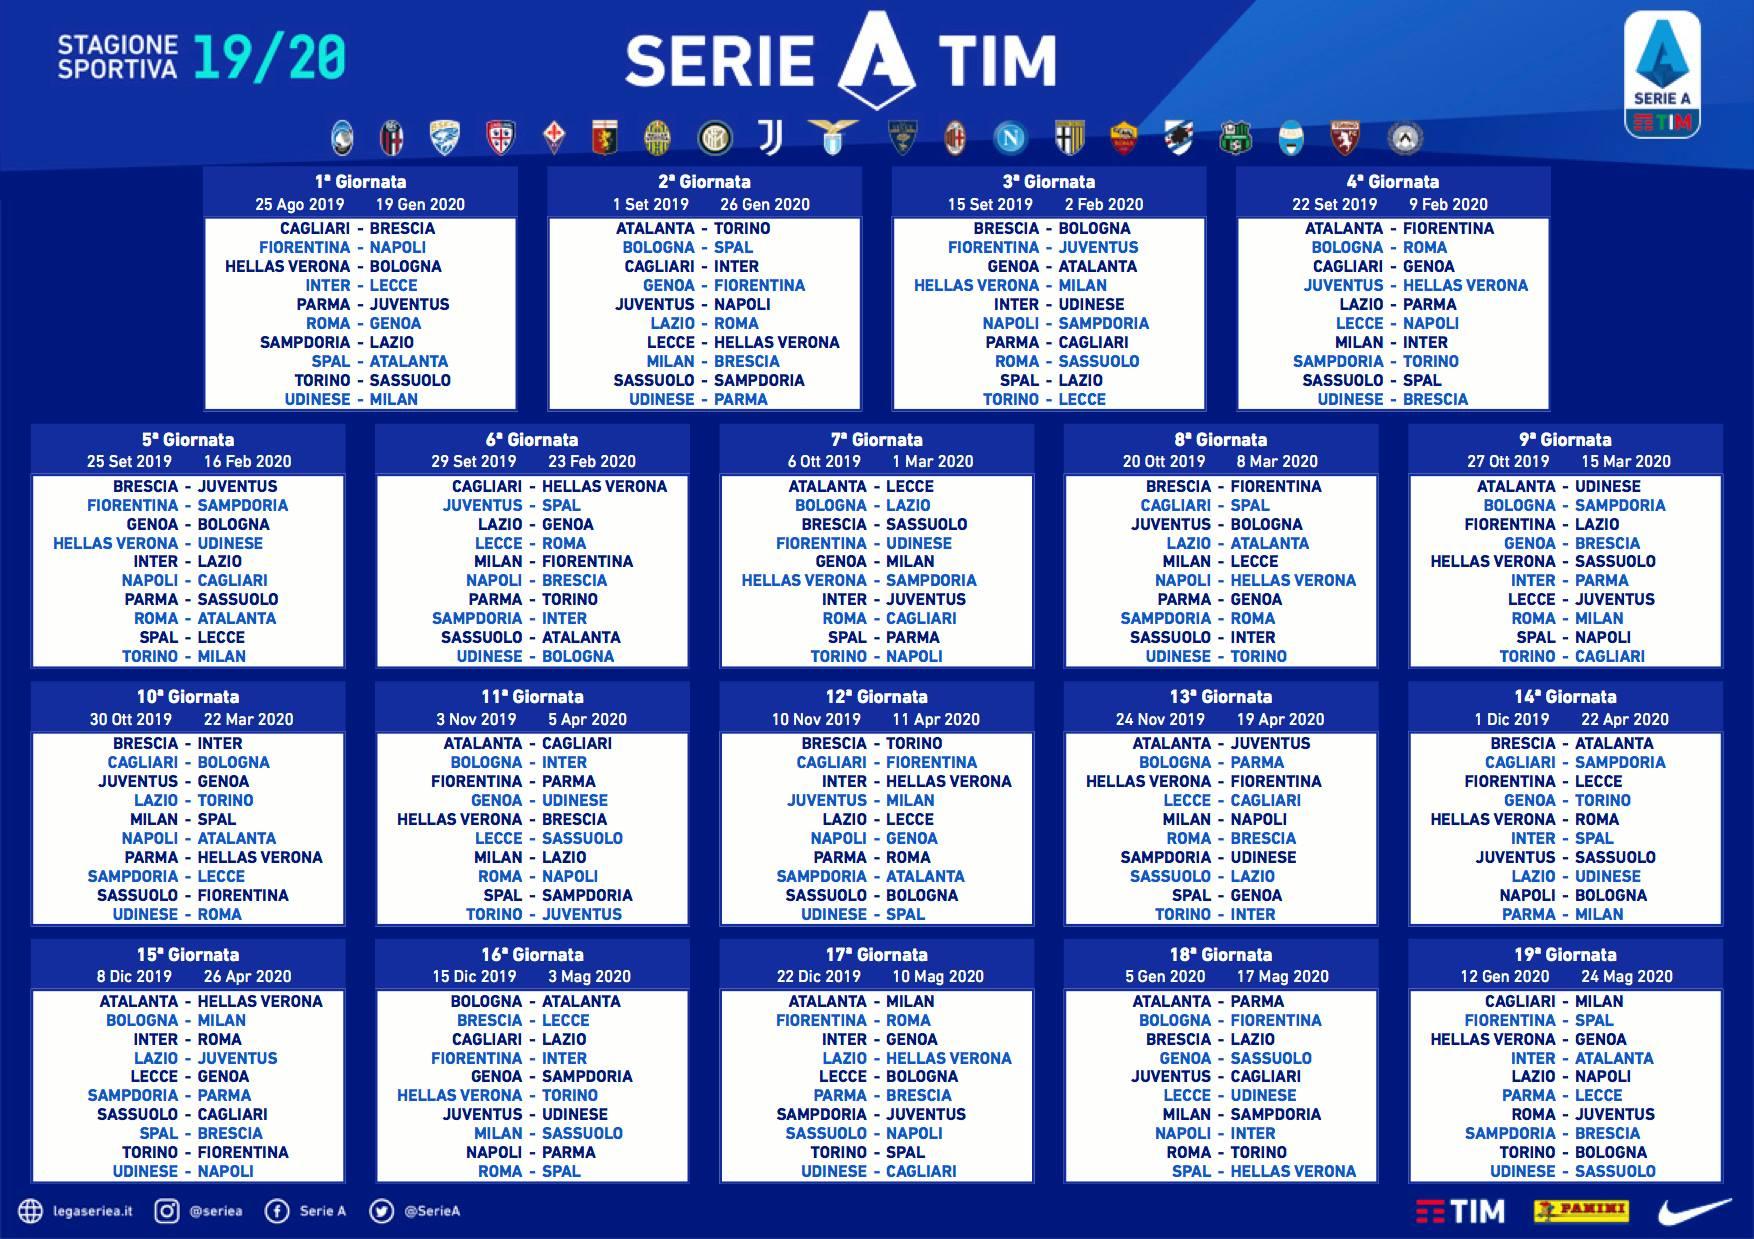 Calendario Maggio 2020 Da Stampare.Calendario Serie A 2019 2020 Tutte Le Partite Date Andata